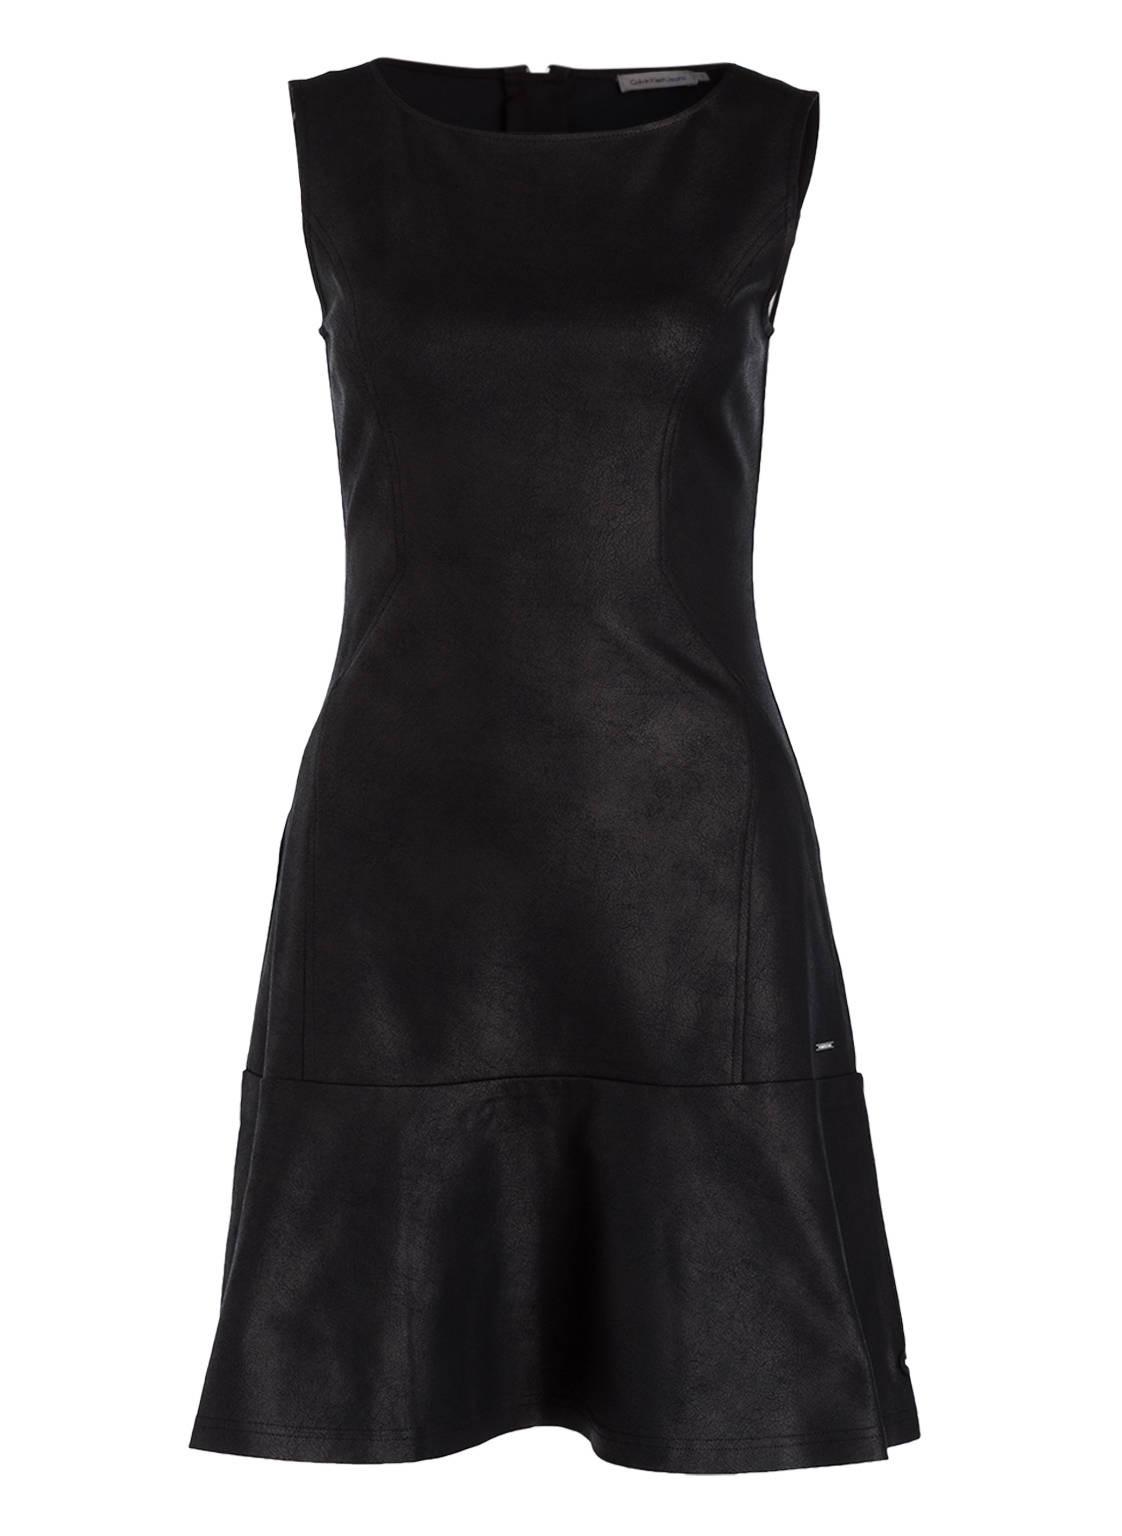 Designer Erstaunlich Kleid Schwarz Damen VertriebDesigner Schön Kleid Schwarz Damen Ärmel